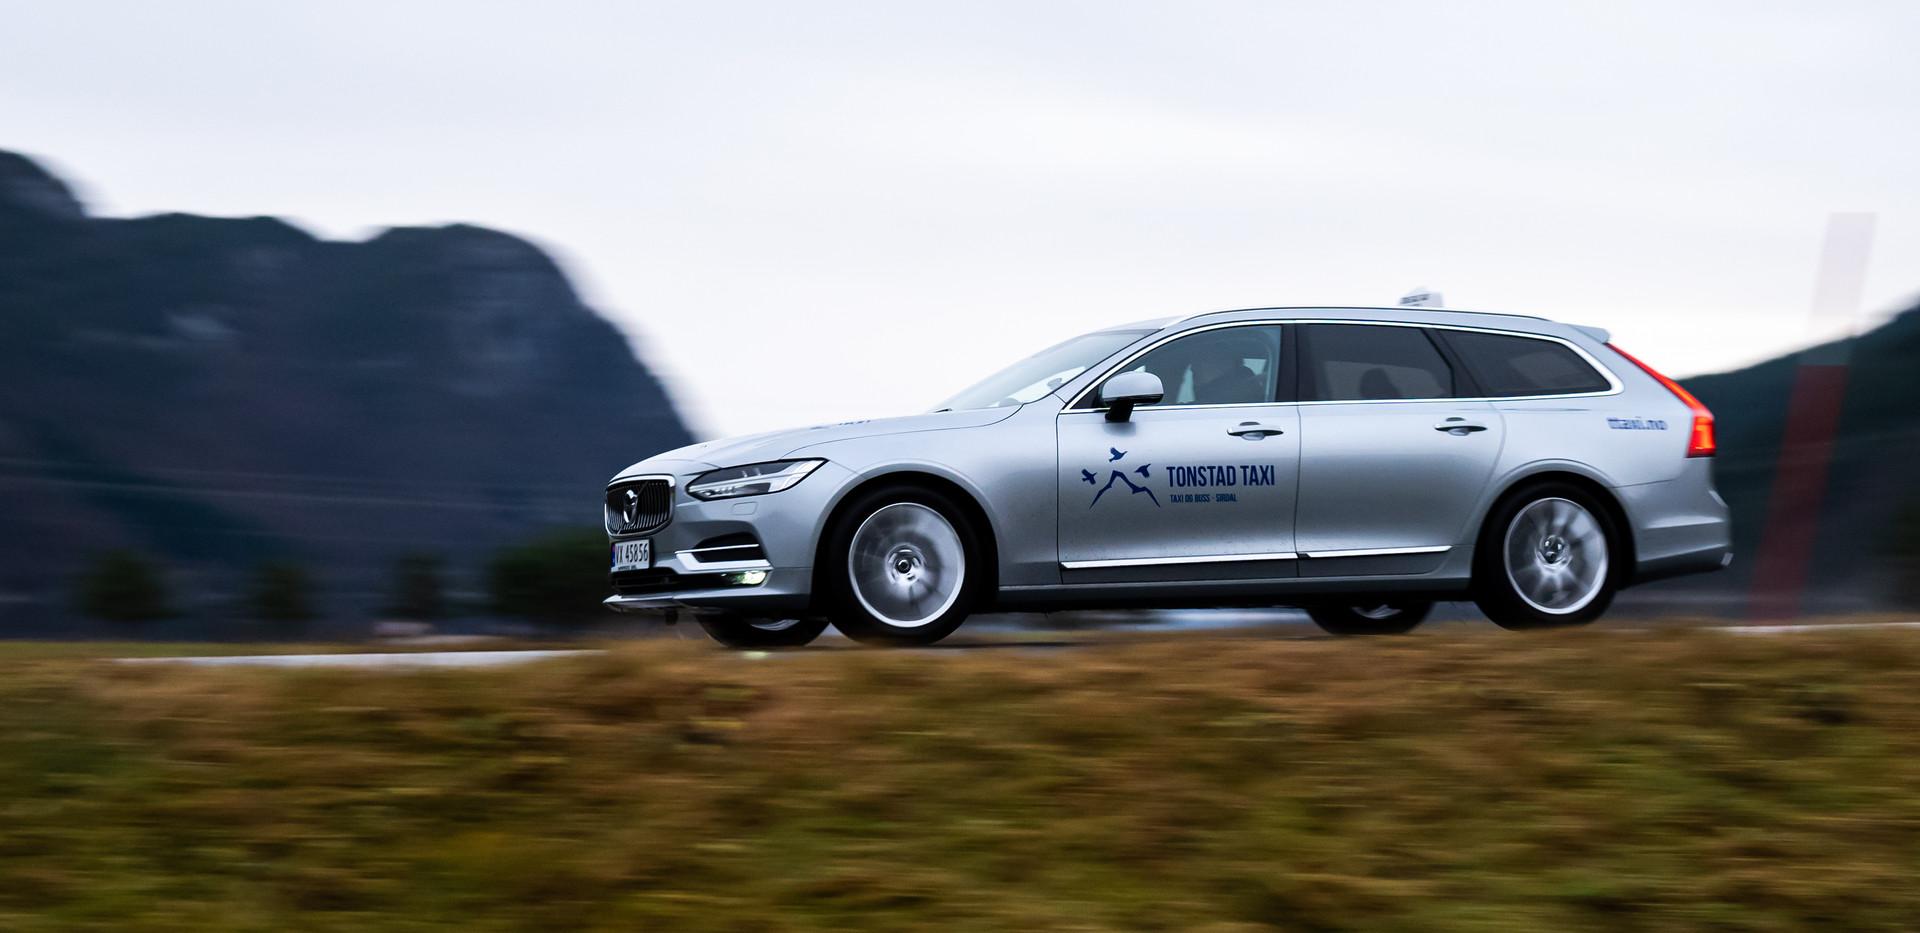 Volvo xc70 redigert.jpg